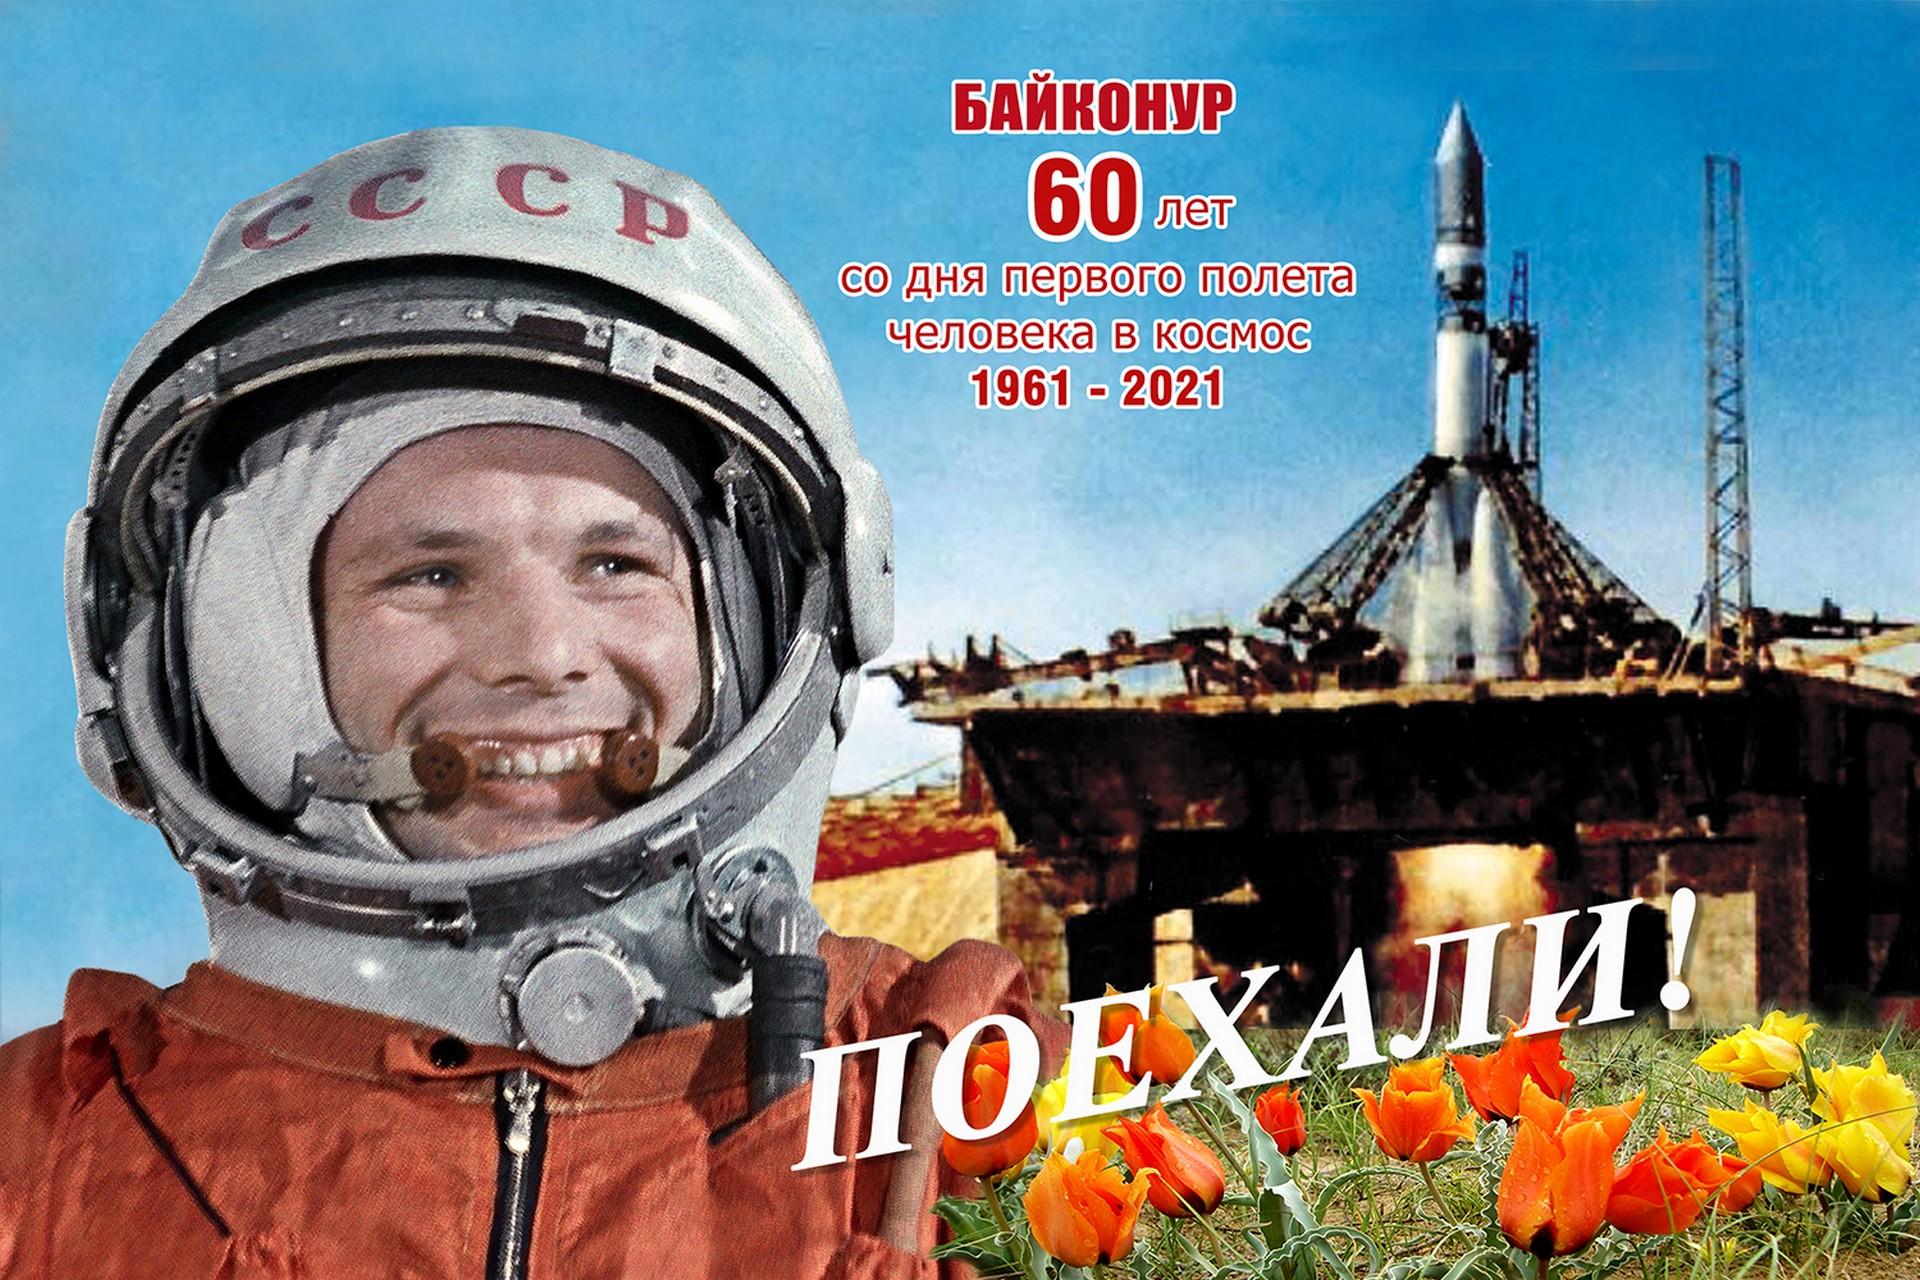 К 60-летию полета в космос Юрия Гагарина в Байконуре приурочен цикл мероприятий